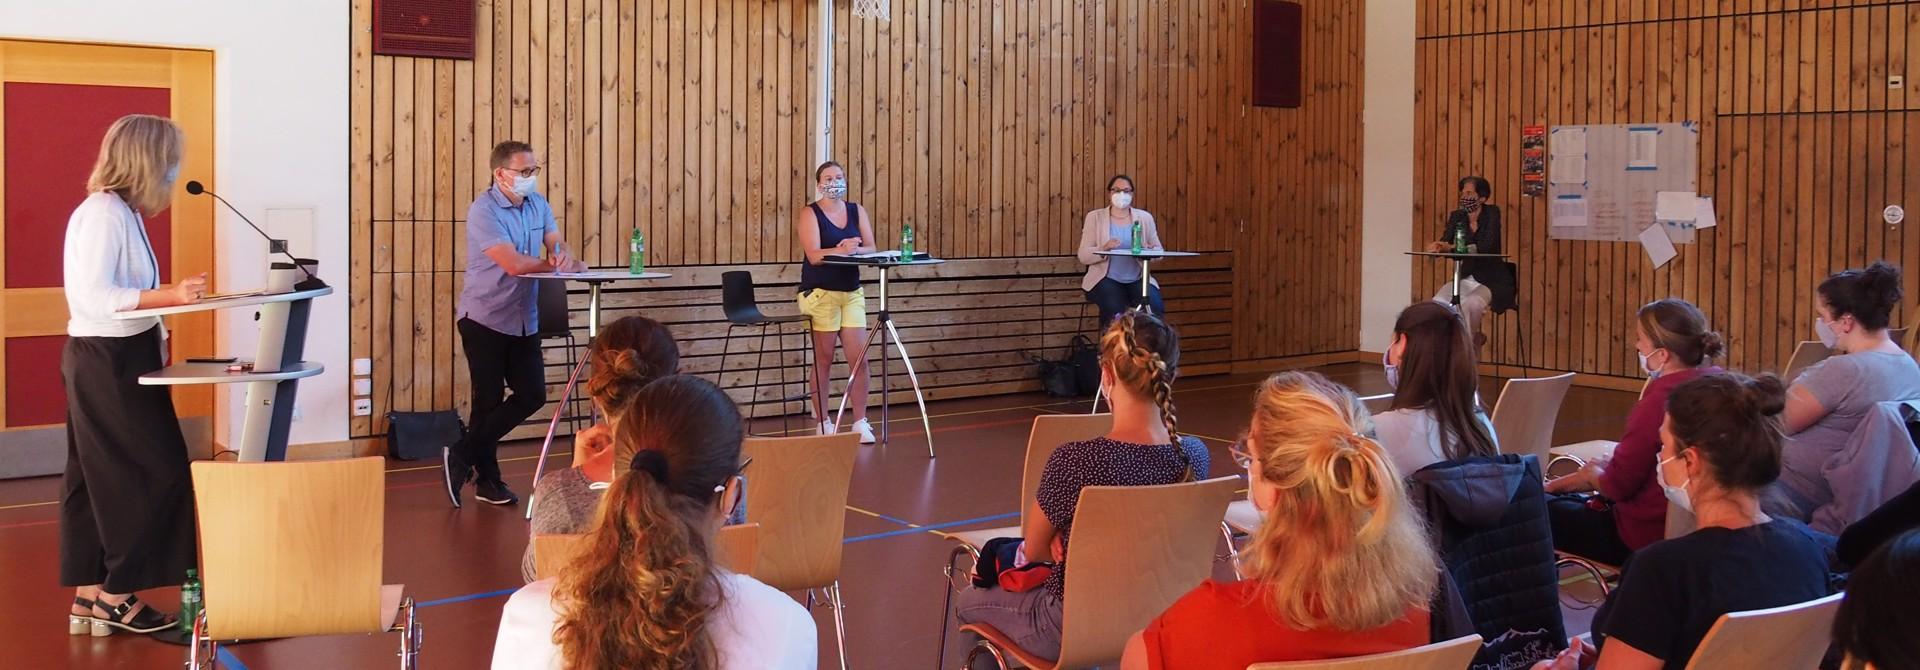 Das Podium (v.l.) mit Moderatorin Sibylle Weidmann und den Gu00e4sten Martin Hu00fcbscher, Manuela Meier, Salome Horber und Johanna Schaufelberger.>